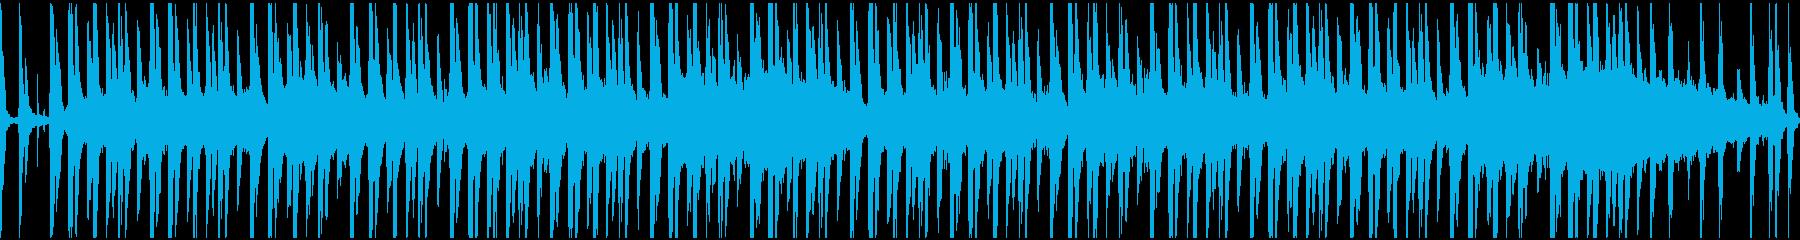 気怠いダブ系サウンドのループの再生済みの波形